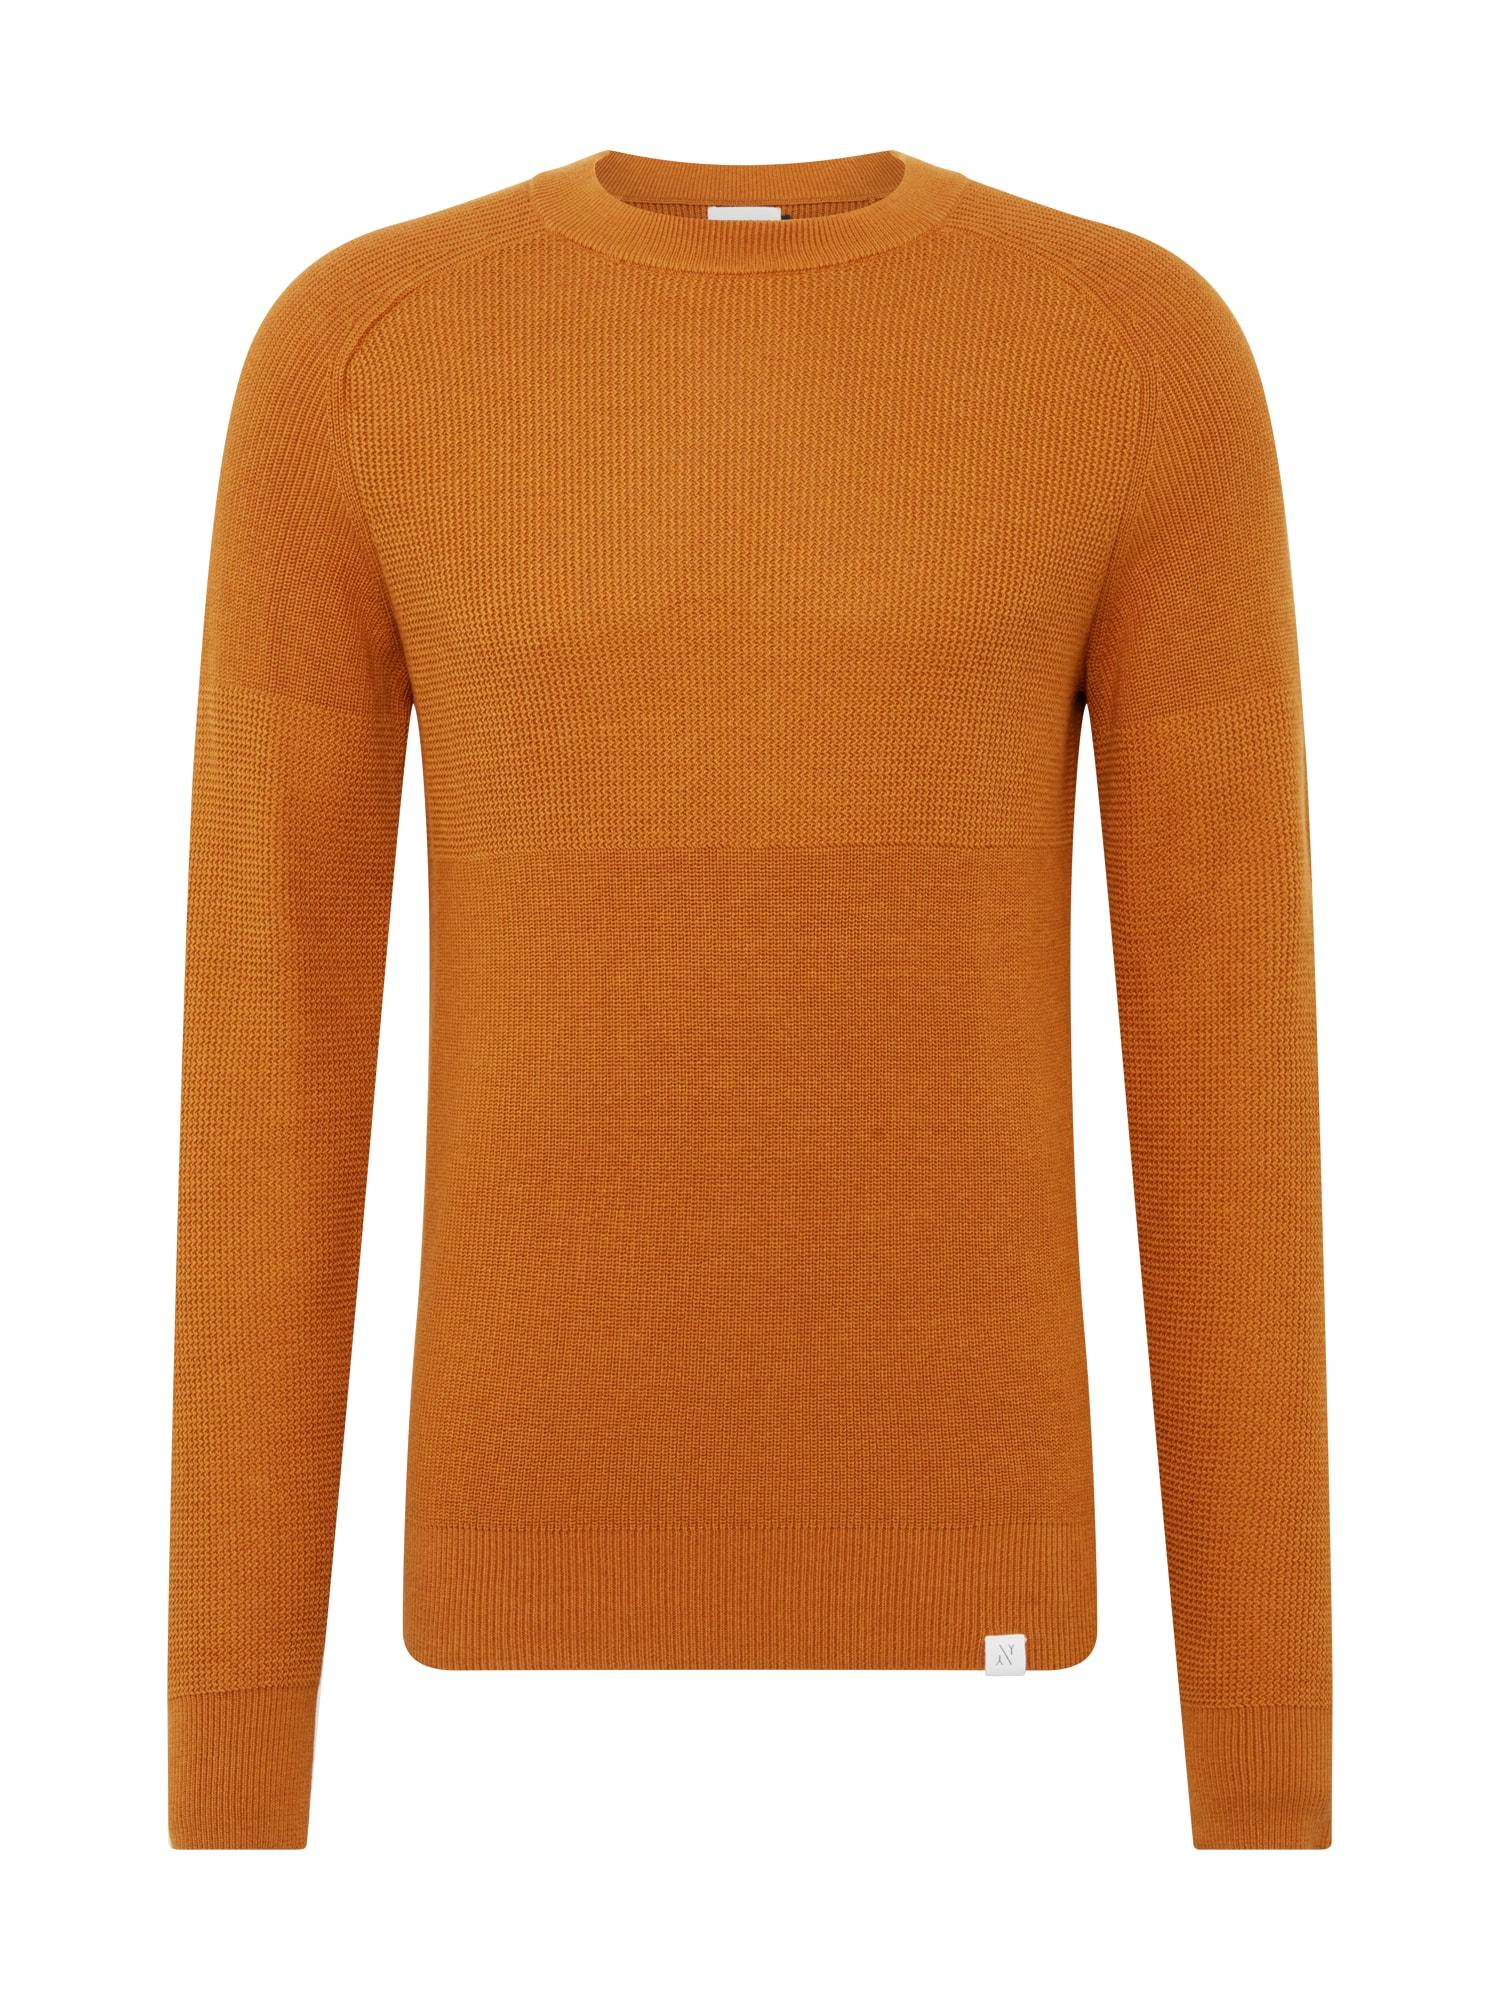 NOWADAYS Megztinis ruda (konjako) / tamsiai oranžinė